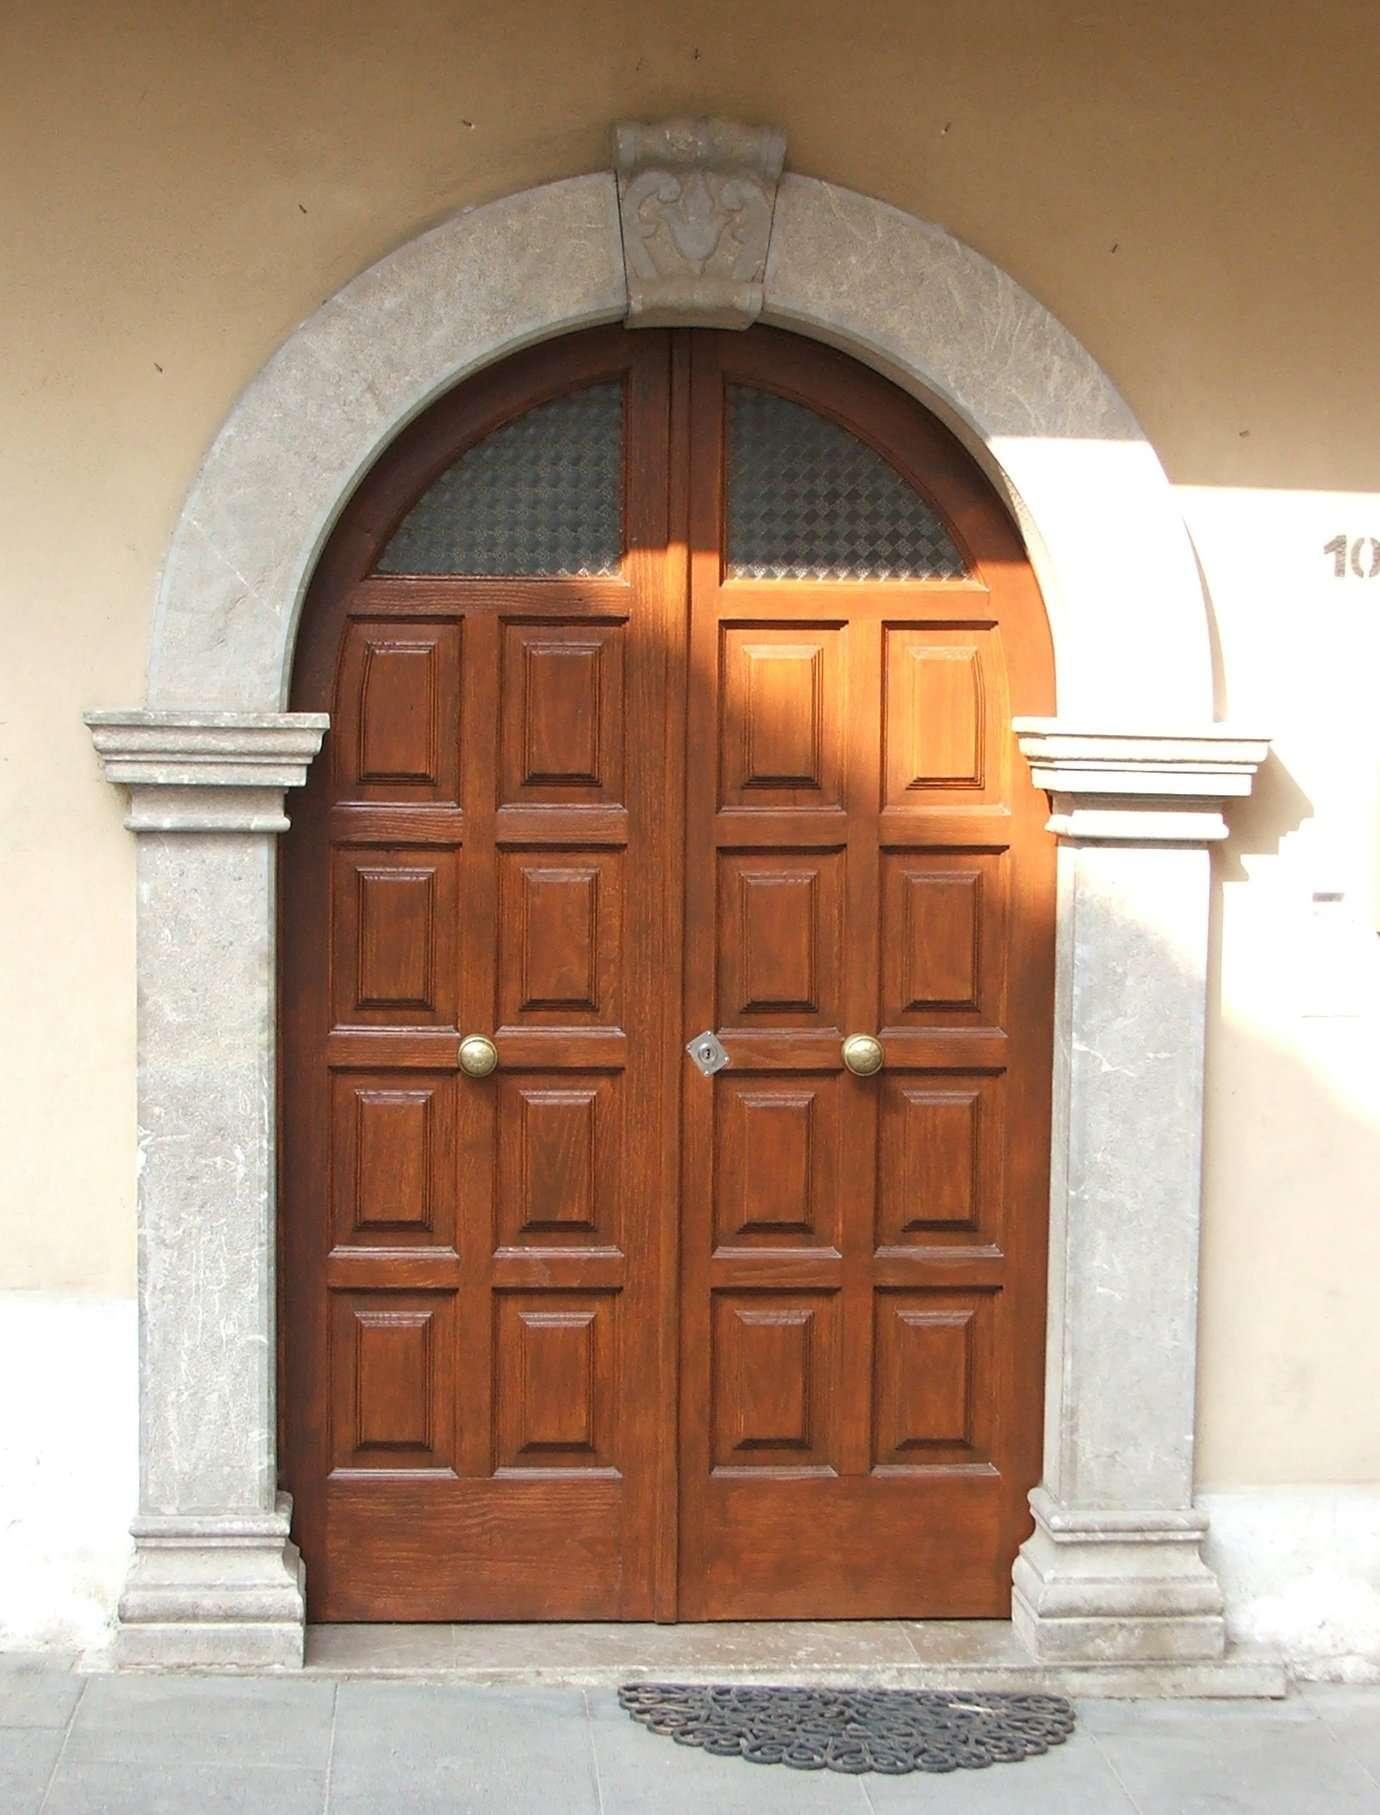 La reestructuraci n en la puerta de madera de casta o conservaci n y - Puertas de castano ...